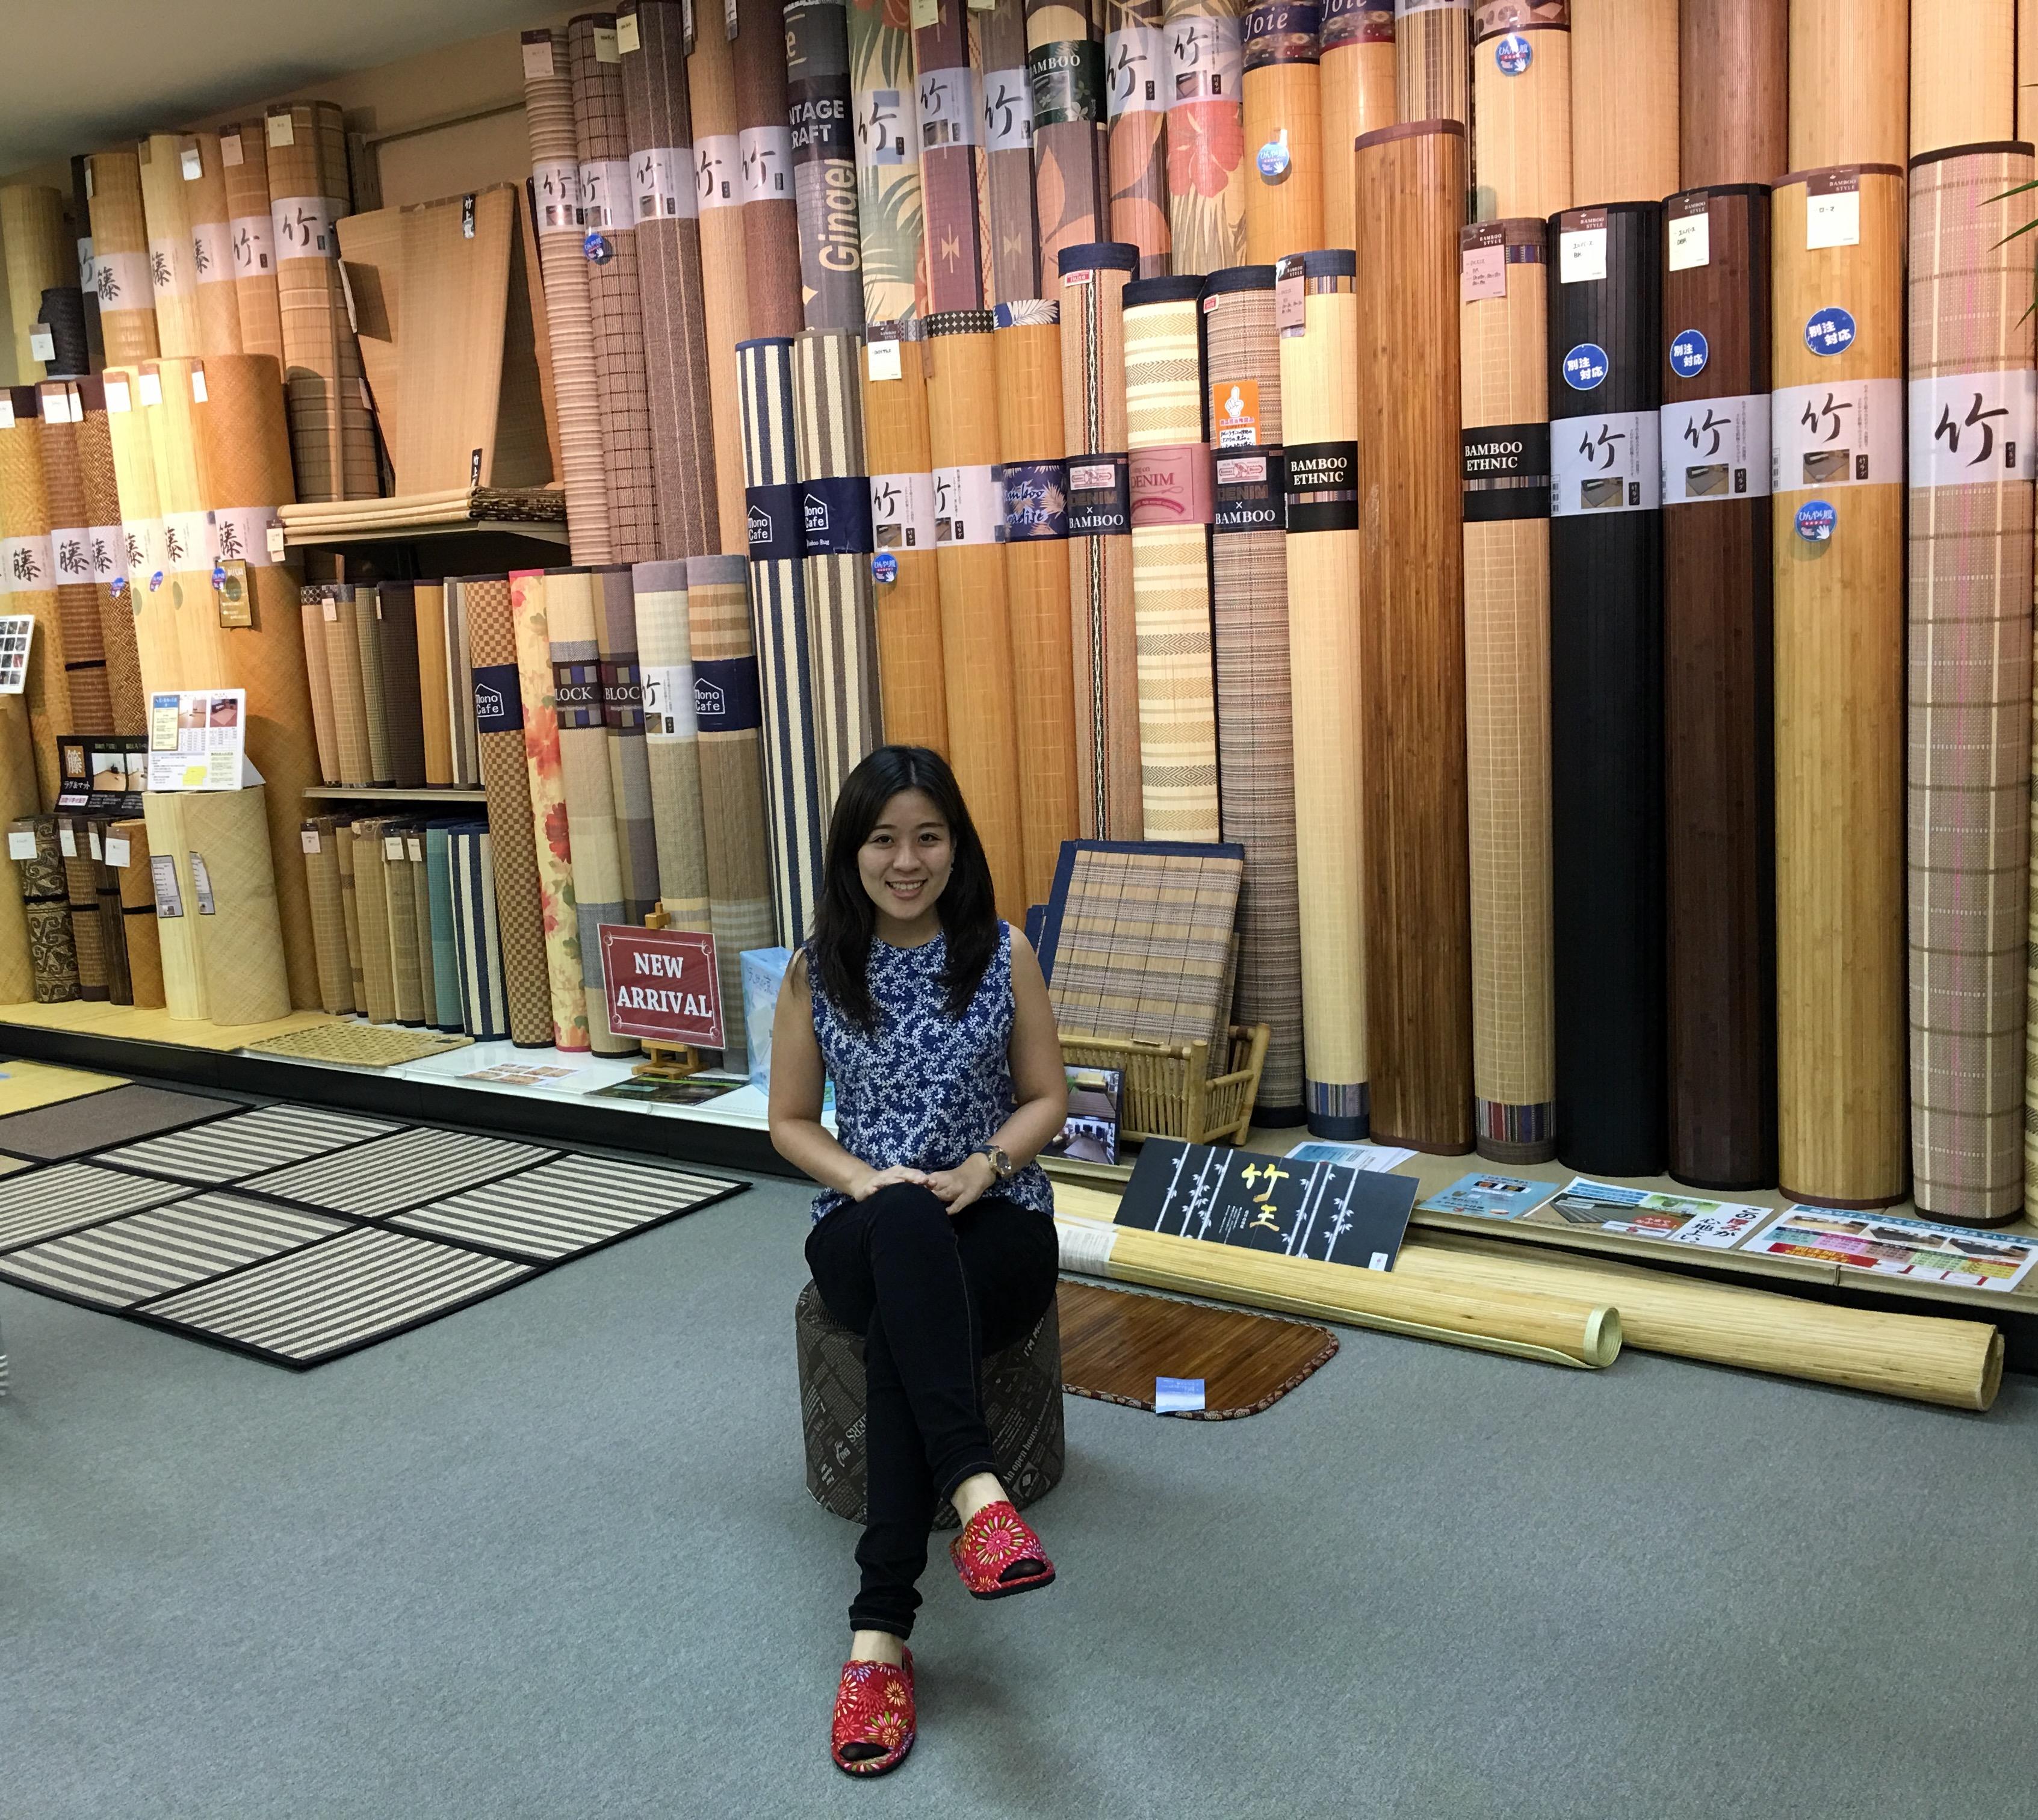 Jual Kerajinan Rotan Online, Anne Patricia Sukses Raup Omzet Ratusan Juta